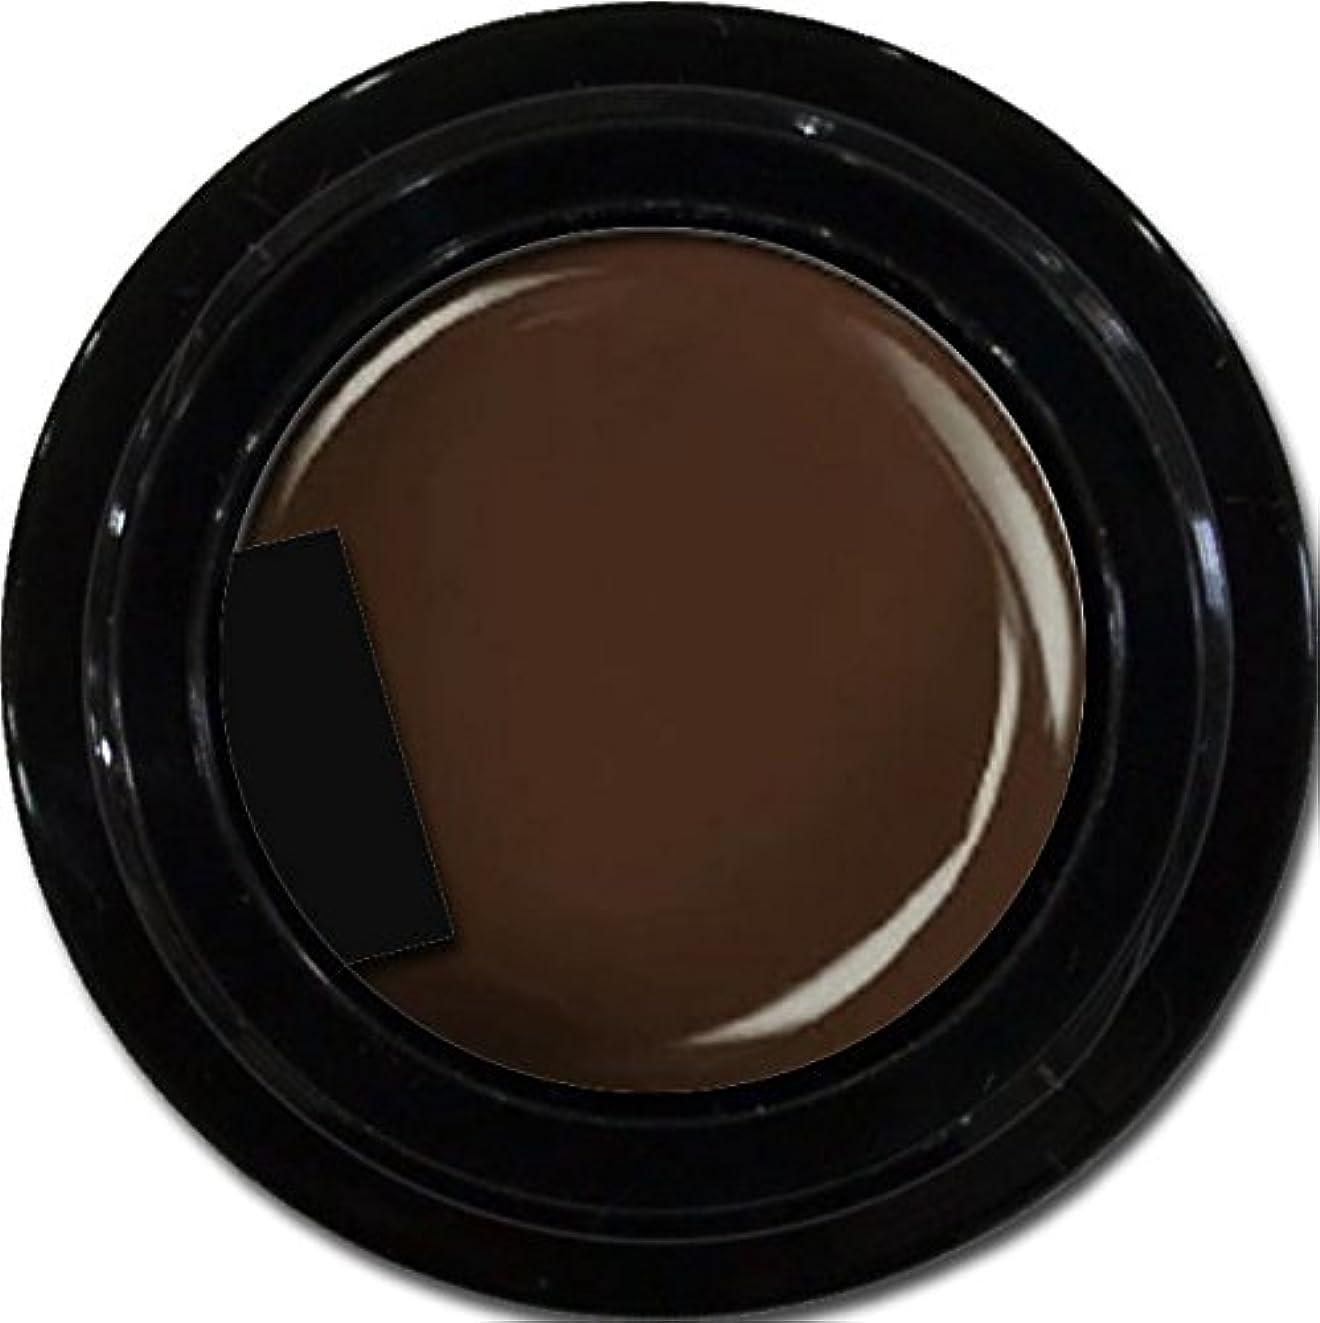 ほんの分類称賛カラージェル enchant color gel M106 DarkBrown 3g/ マットカラージェル M106 ダークブラウン 3グラム